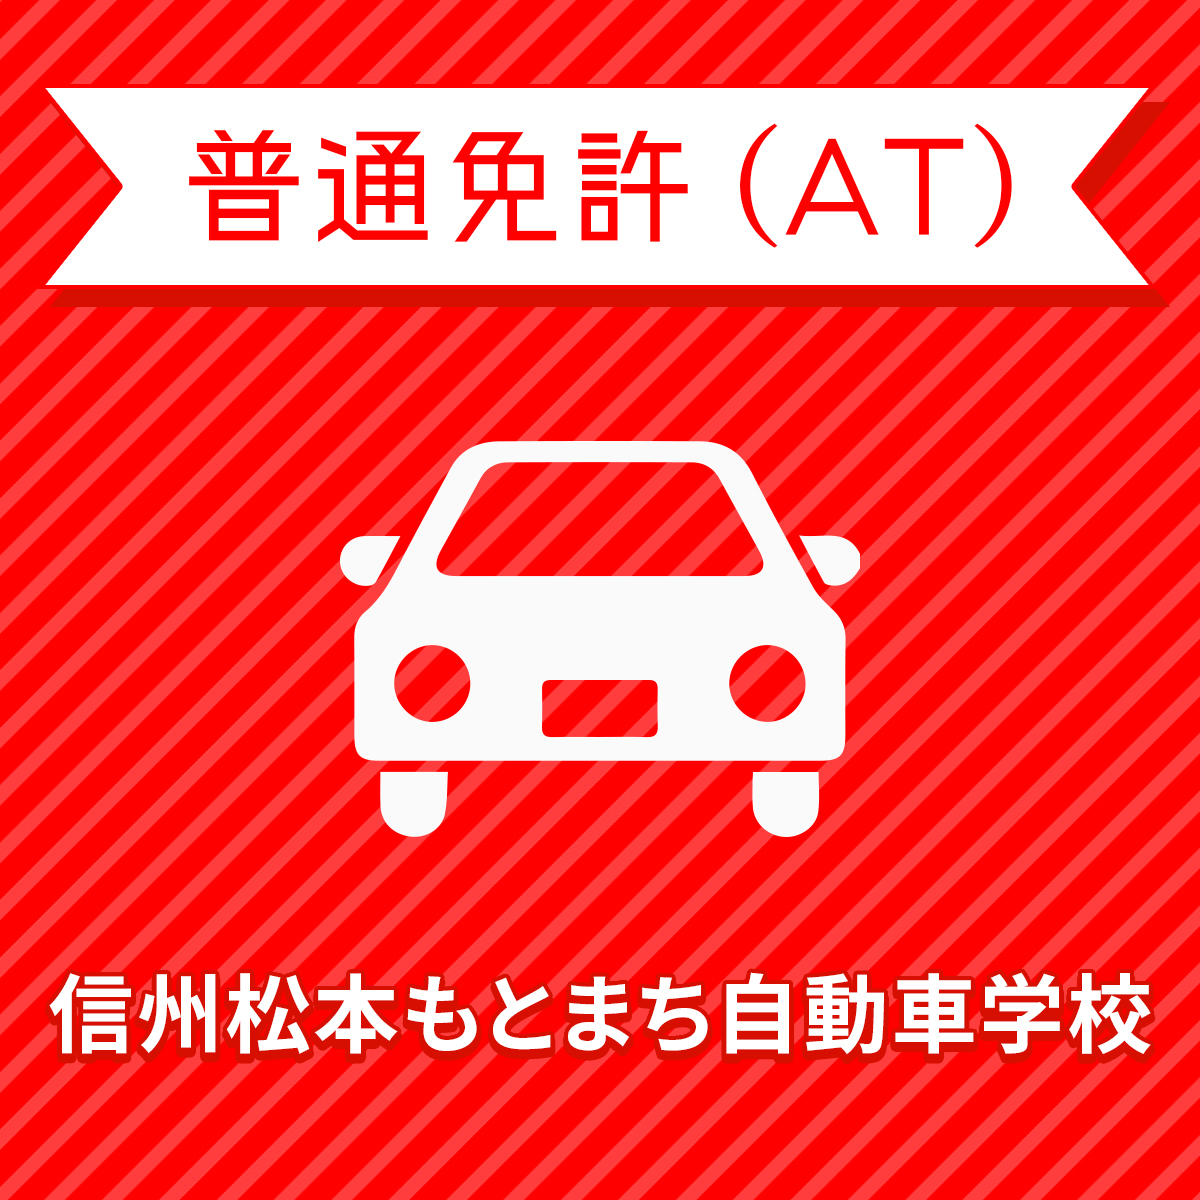 【長野県松本市】普通車ATレギュラープラン(学生料金)